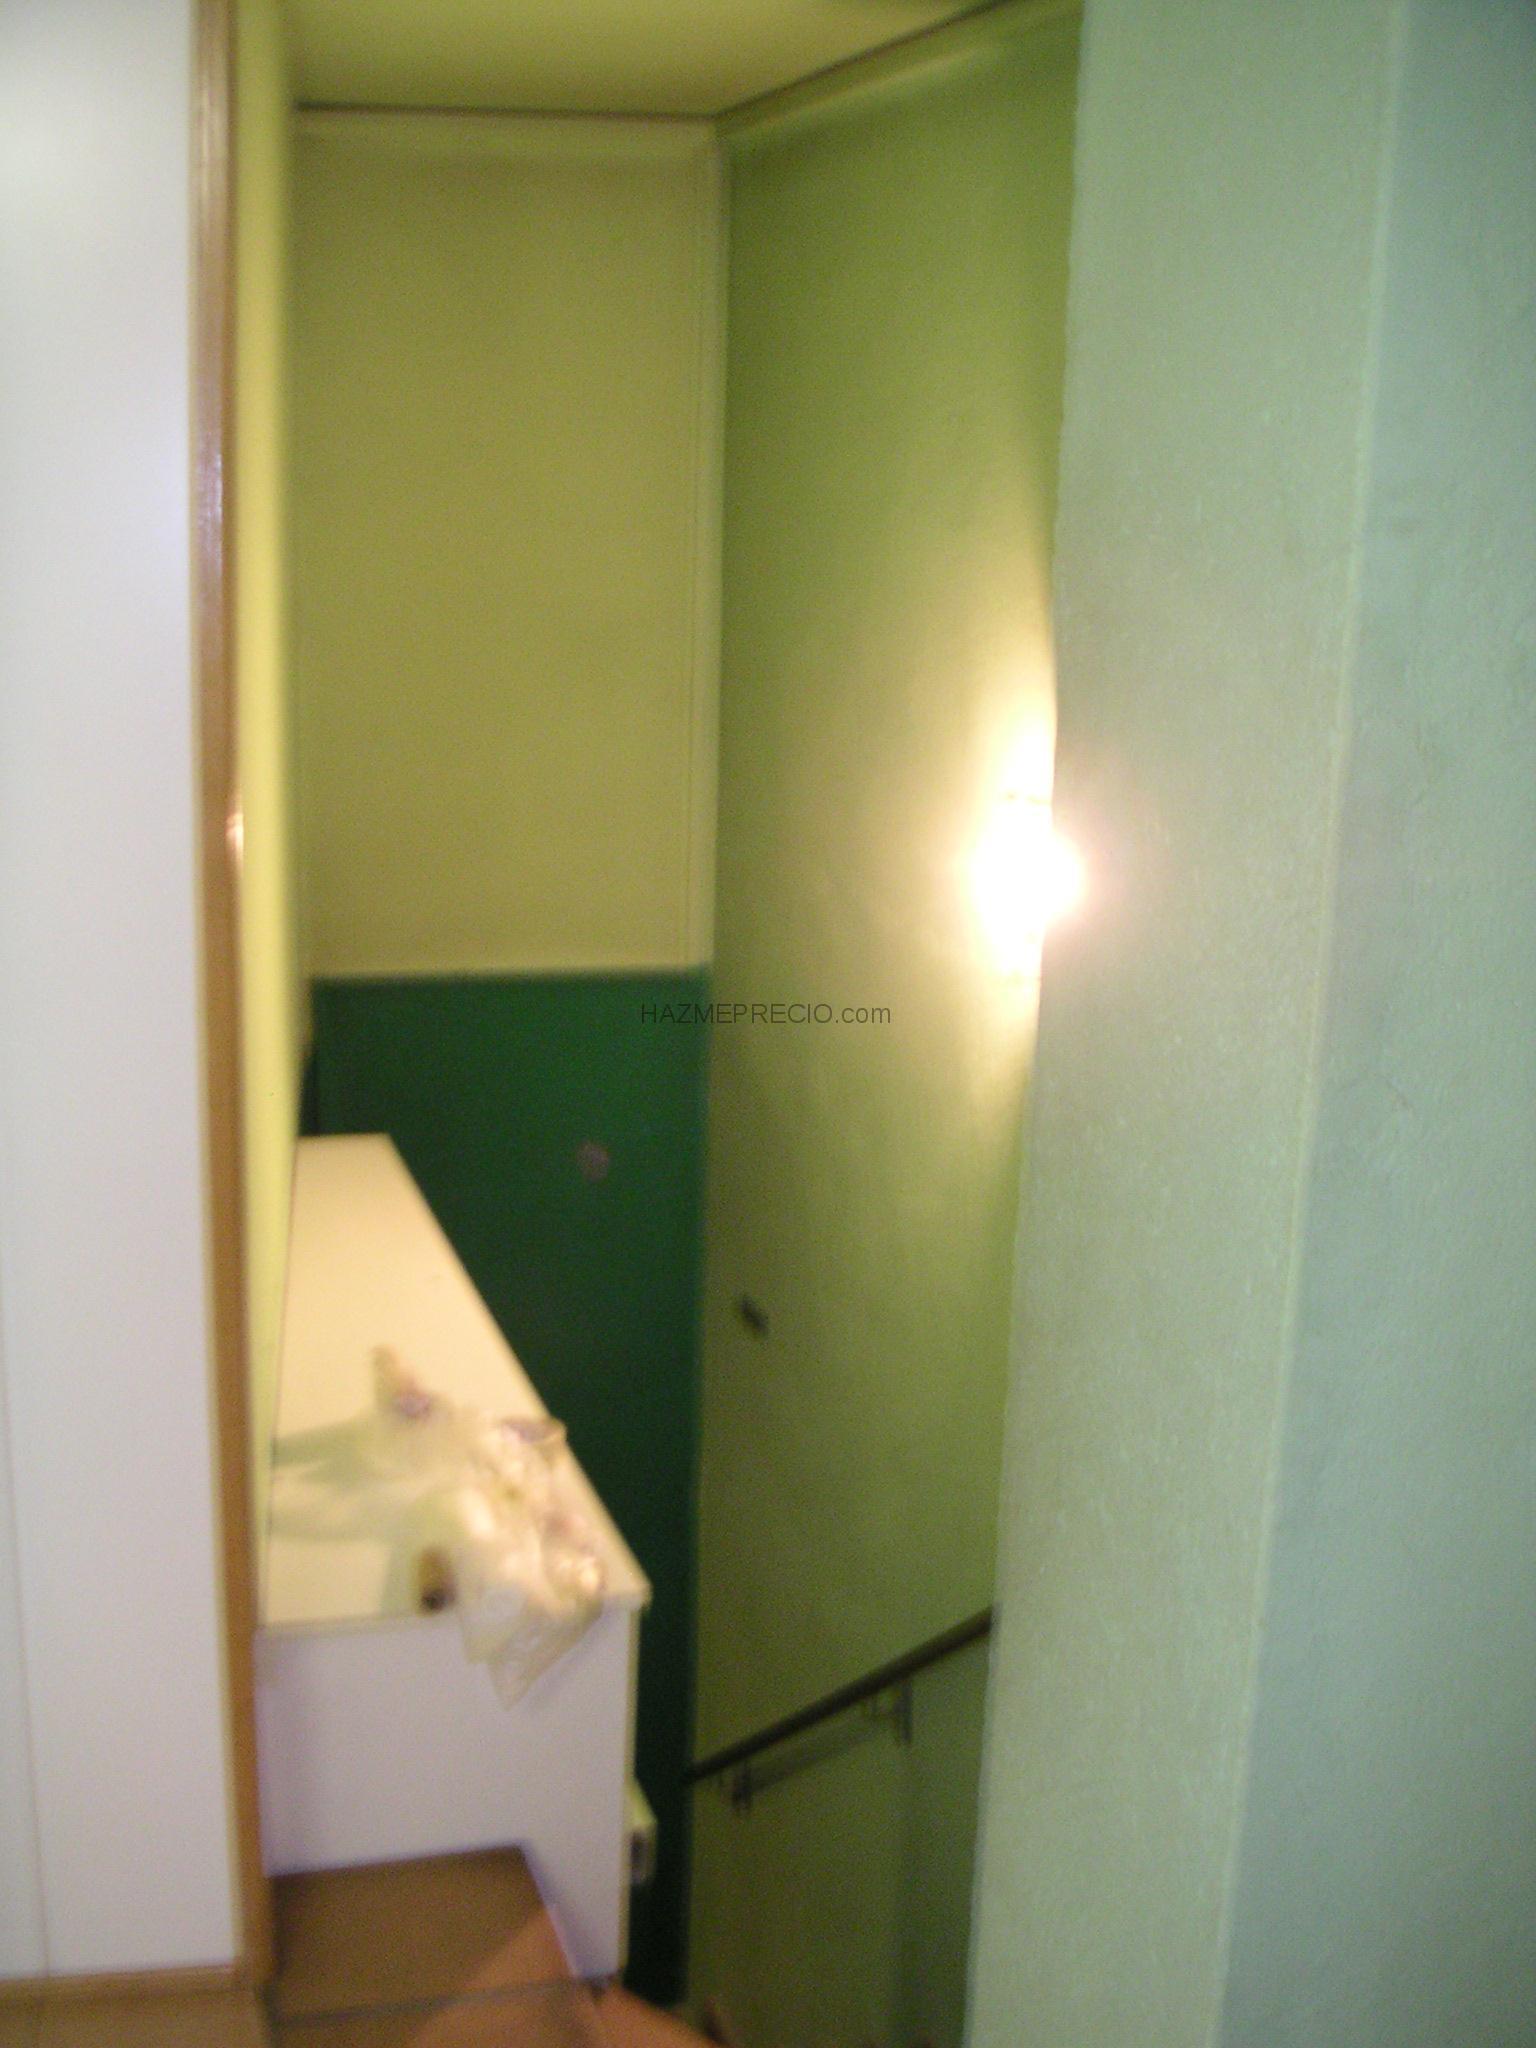 Presupuesto para pintar piso duplex de 90m2 hospitalet for Presupuesto pintar piso